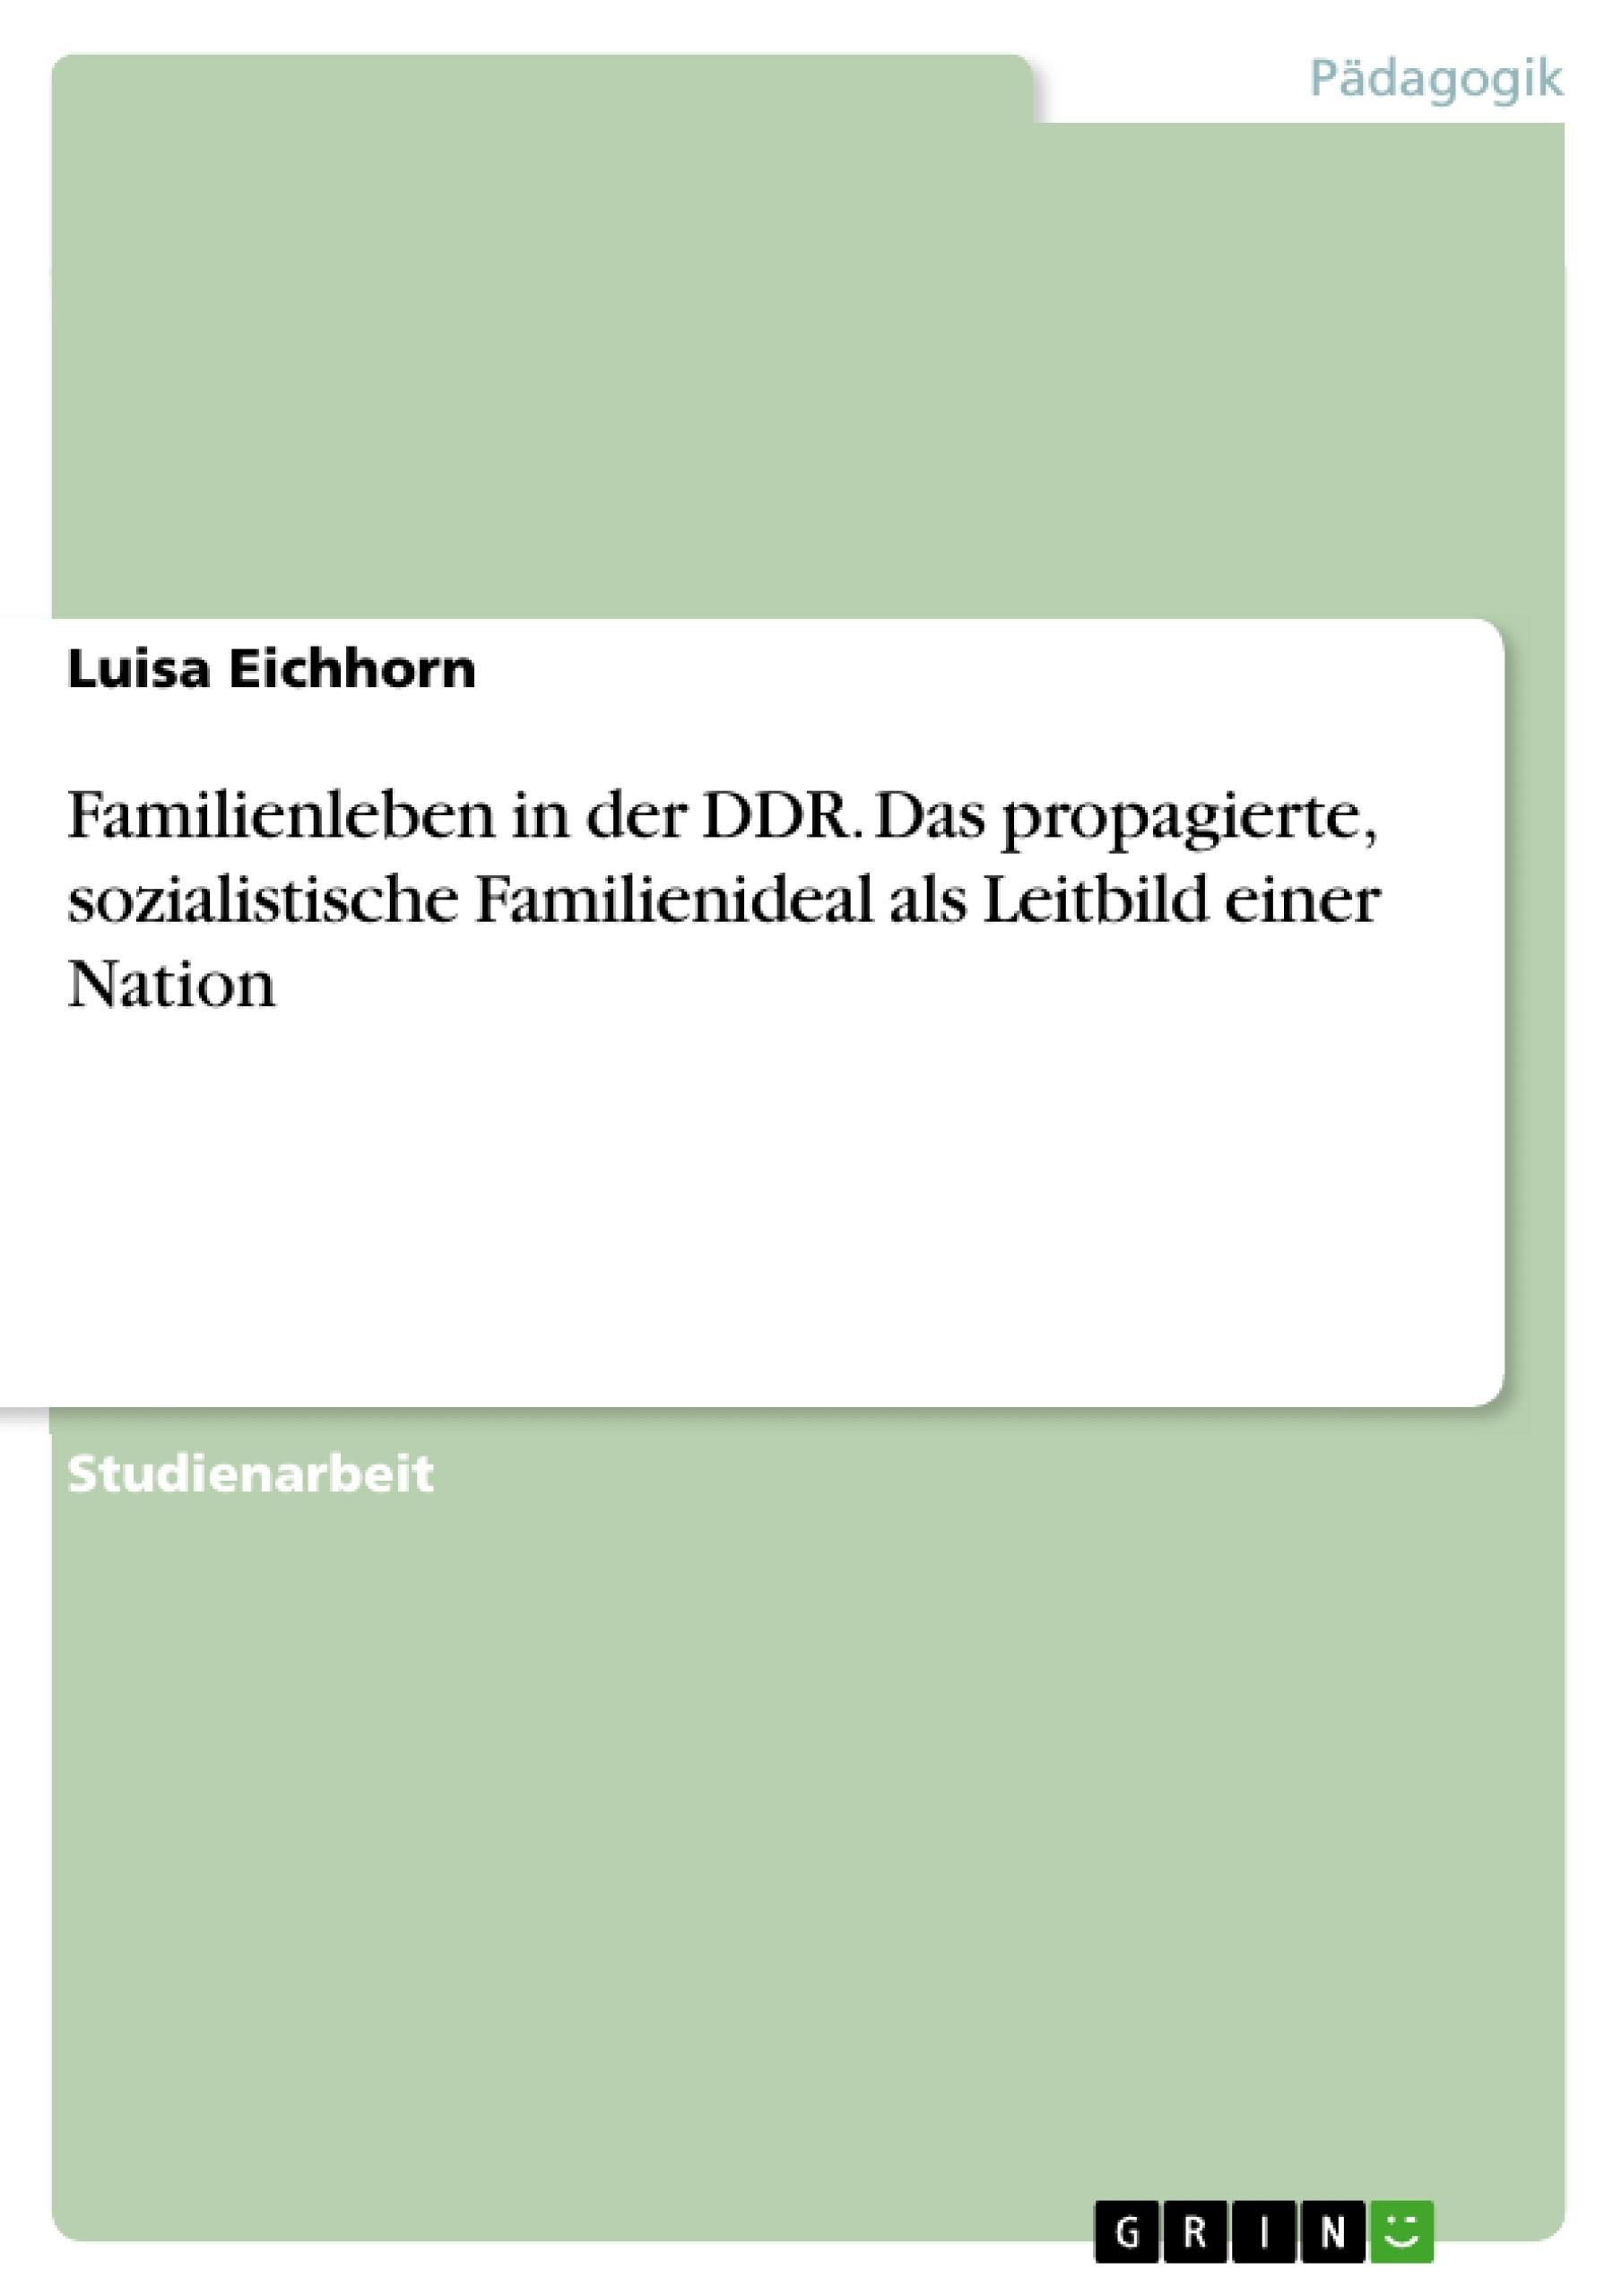 Titel: Familienleben in der DDR. Das propagierte, sozialistische Familienideal als Leitbild einer Nation